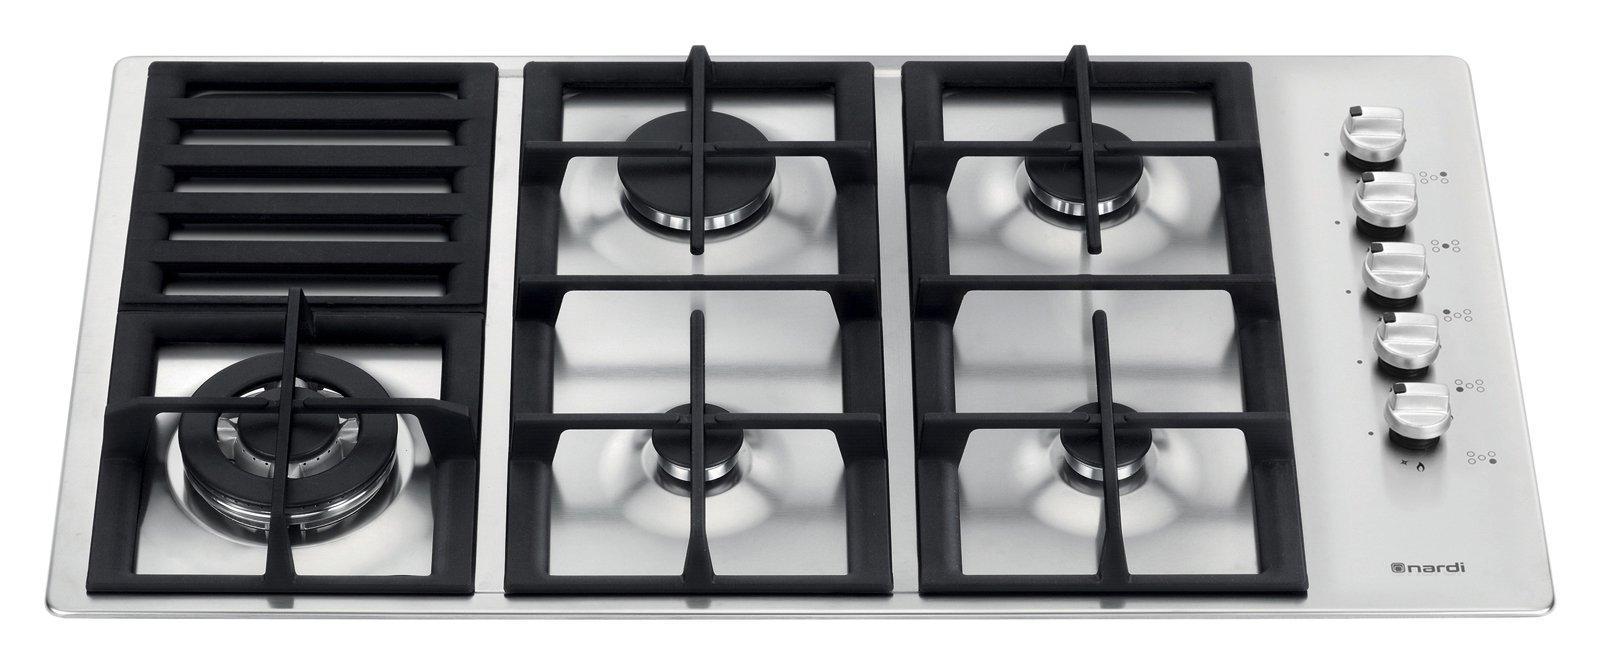 Piani cottura con o senza fiamma cose di casa for Piani di fienile domestico